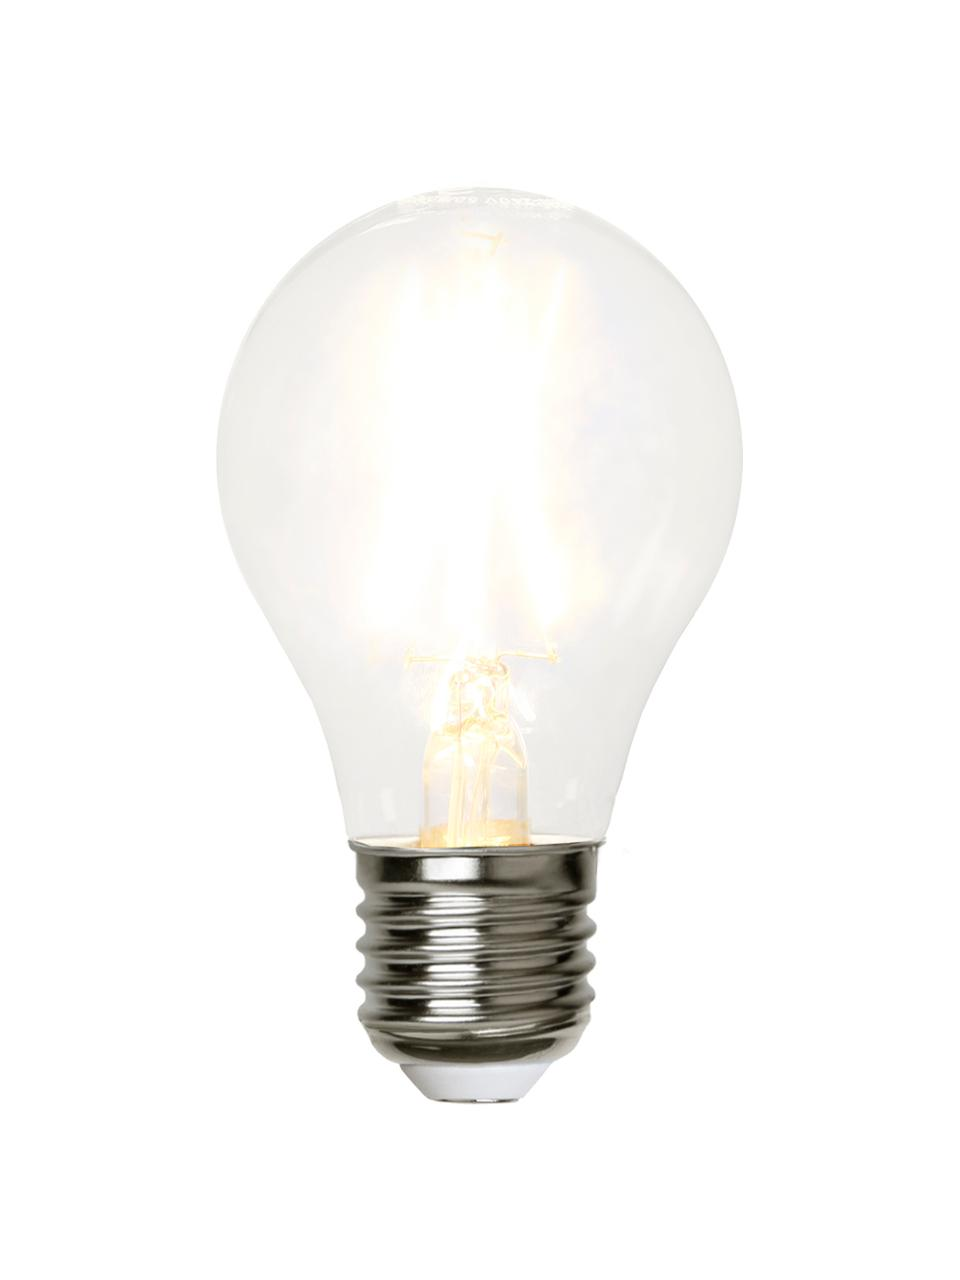 Ampoule LED (E27-2W), 5pièces, Transparent, nickel